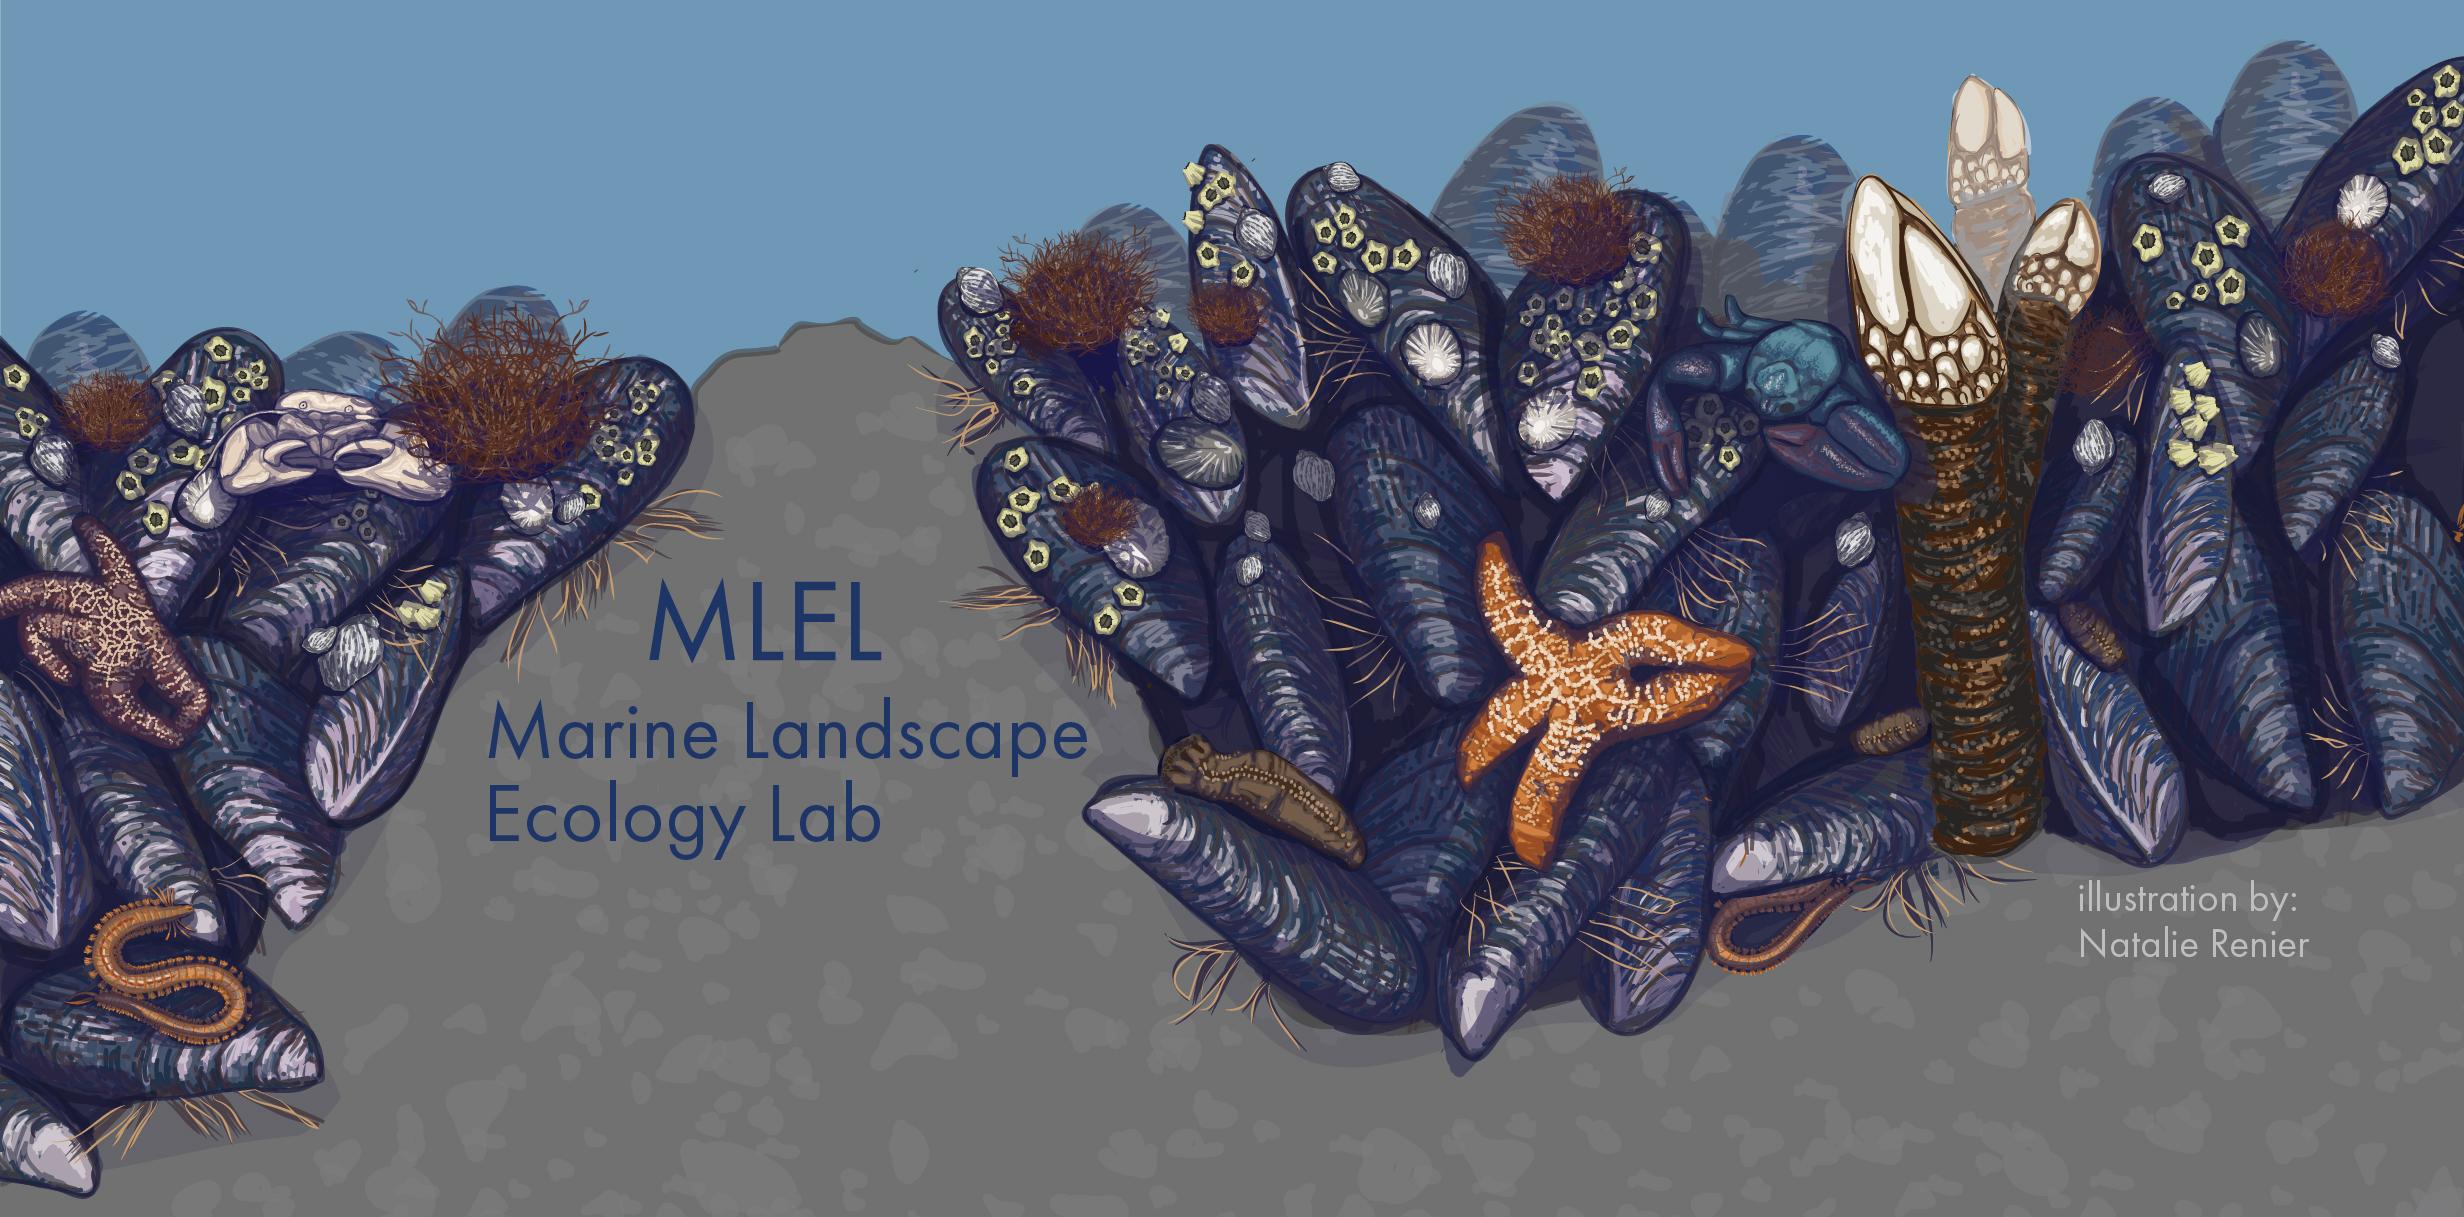 Mussel-bed Matrix (Hero Image for Website)